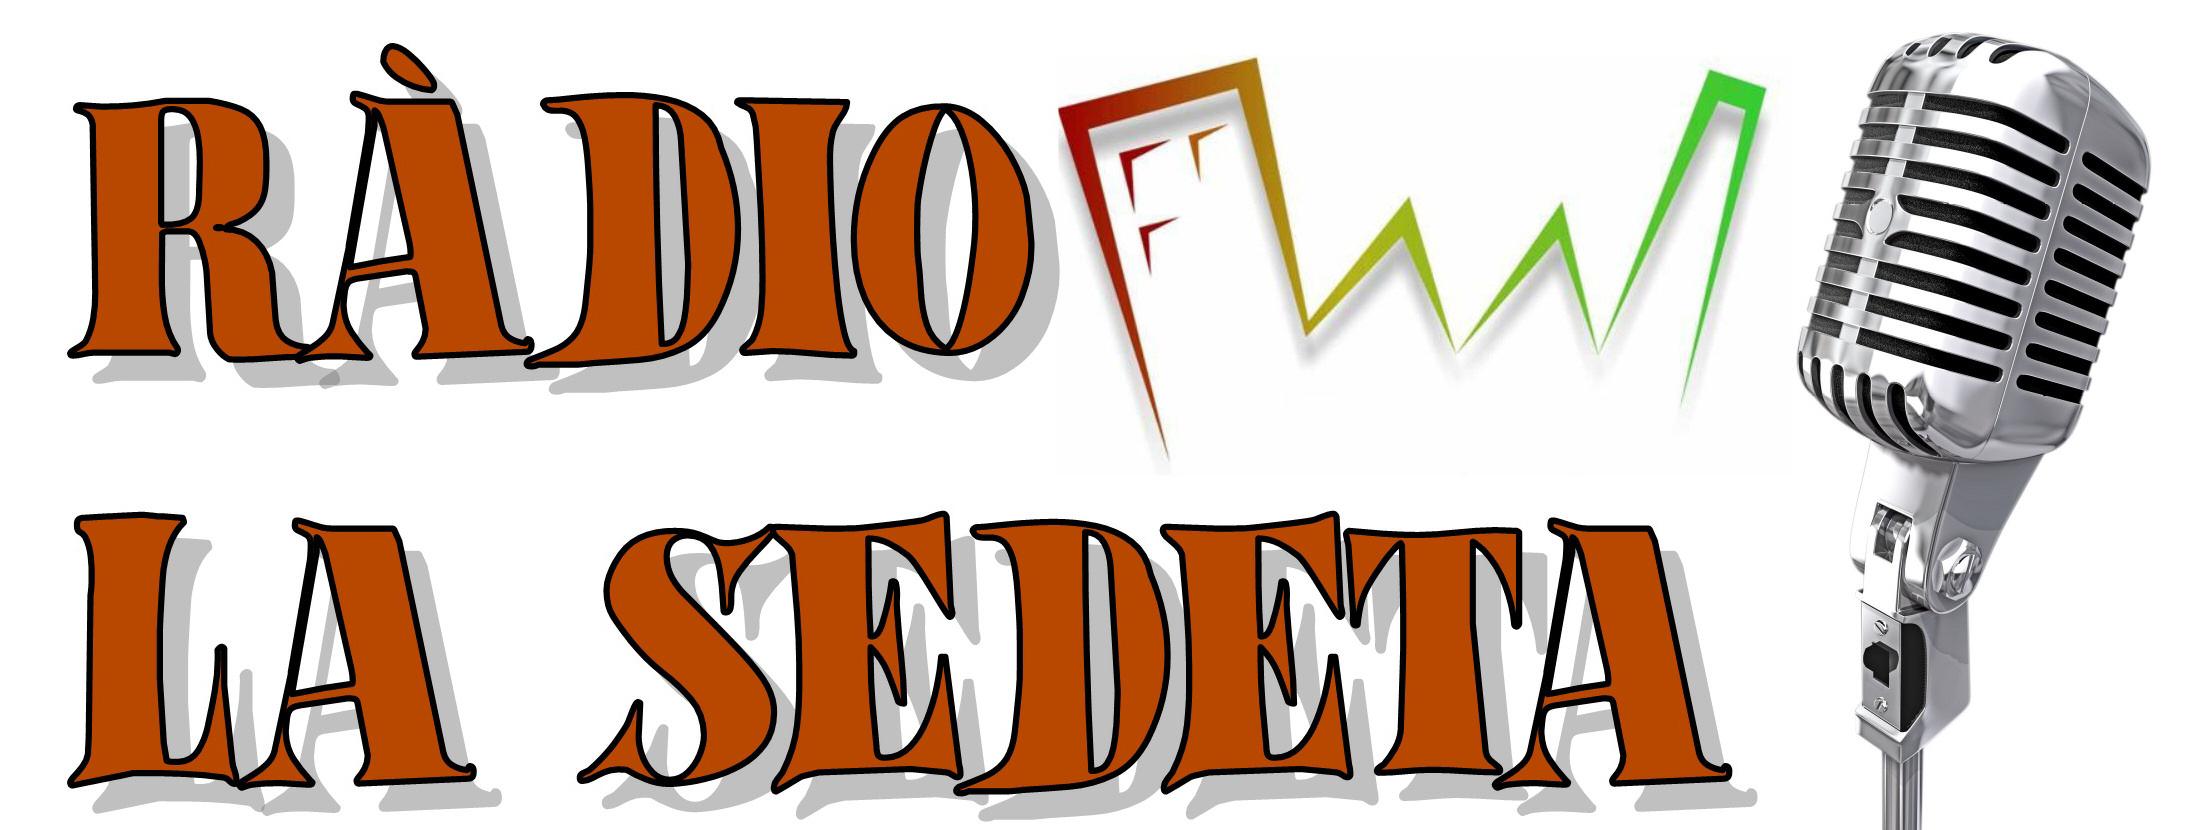 Ràdio La Sedeta